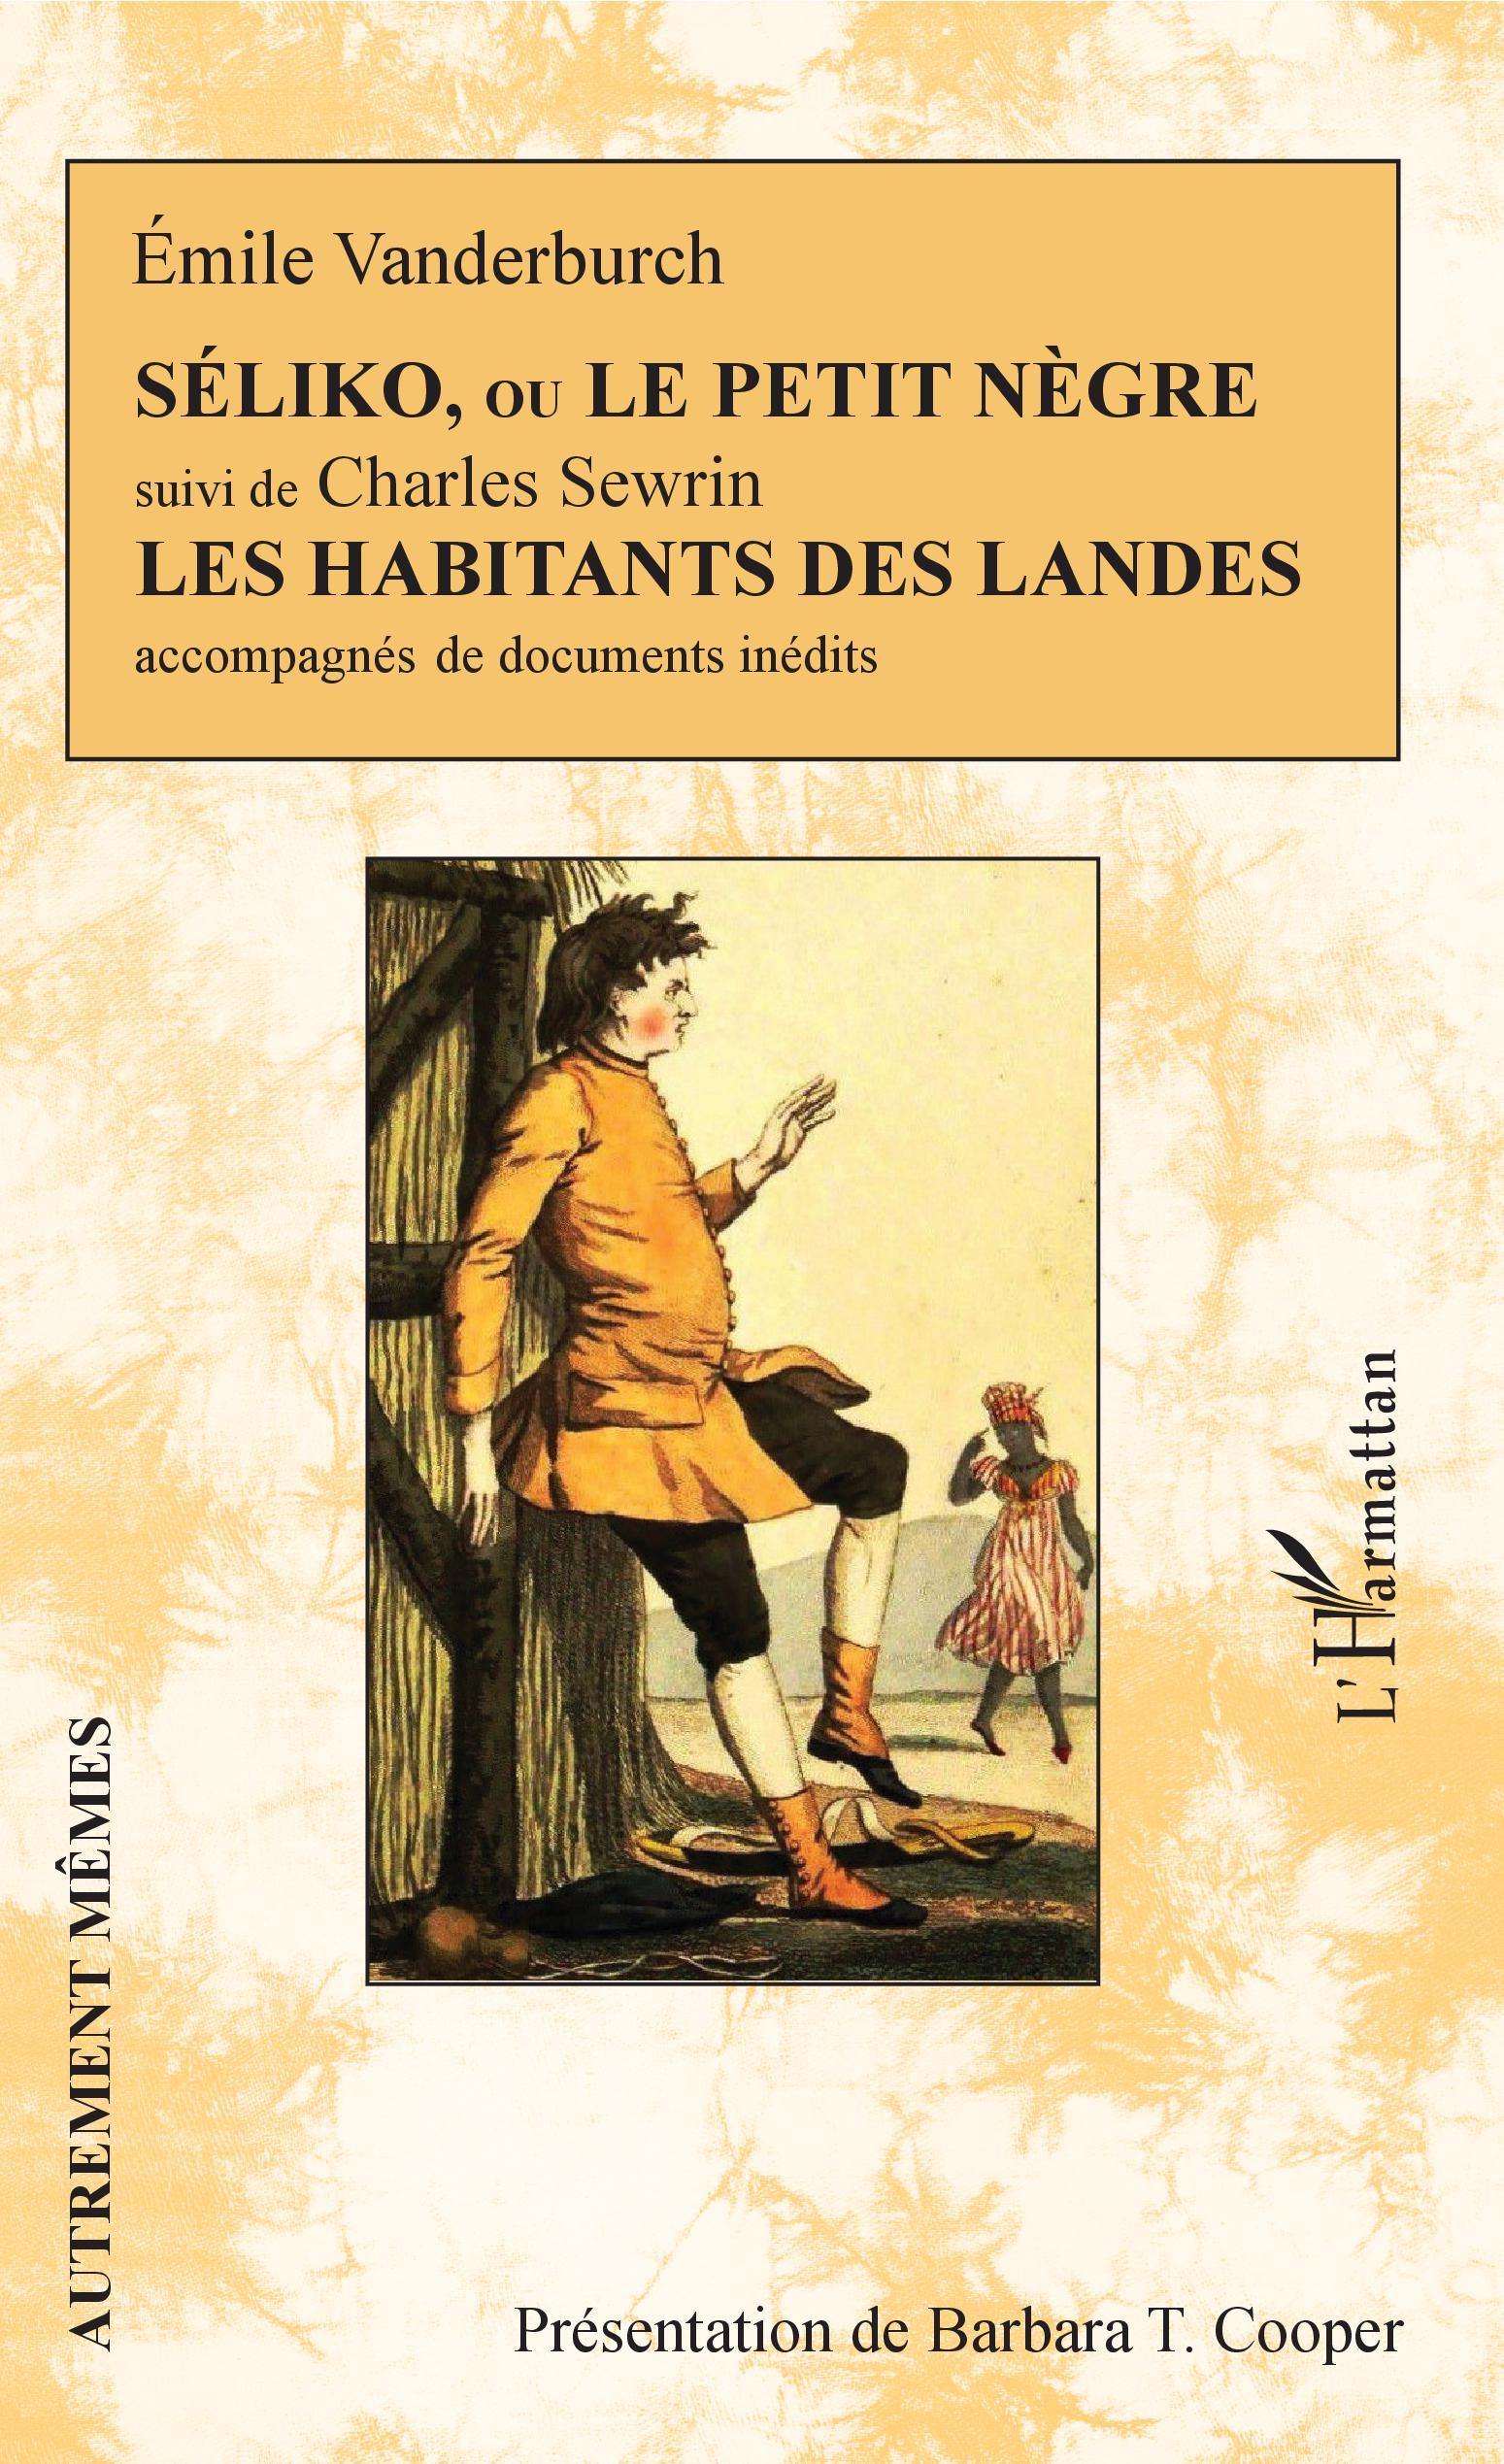 É. Vanderburch, Séliko ou le petit nègre (1824); Ch. Sewrin, Les habitants des landes (1811)